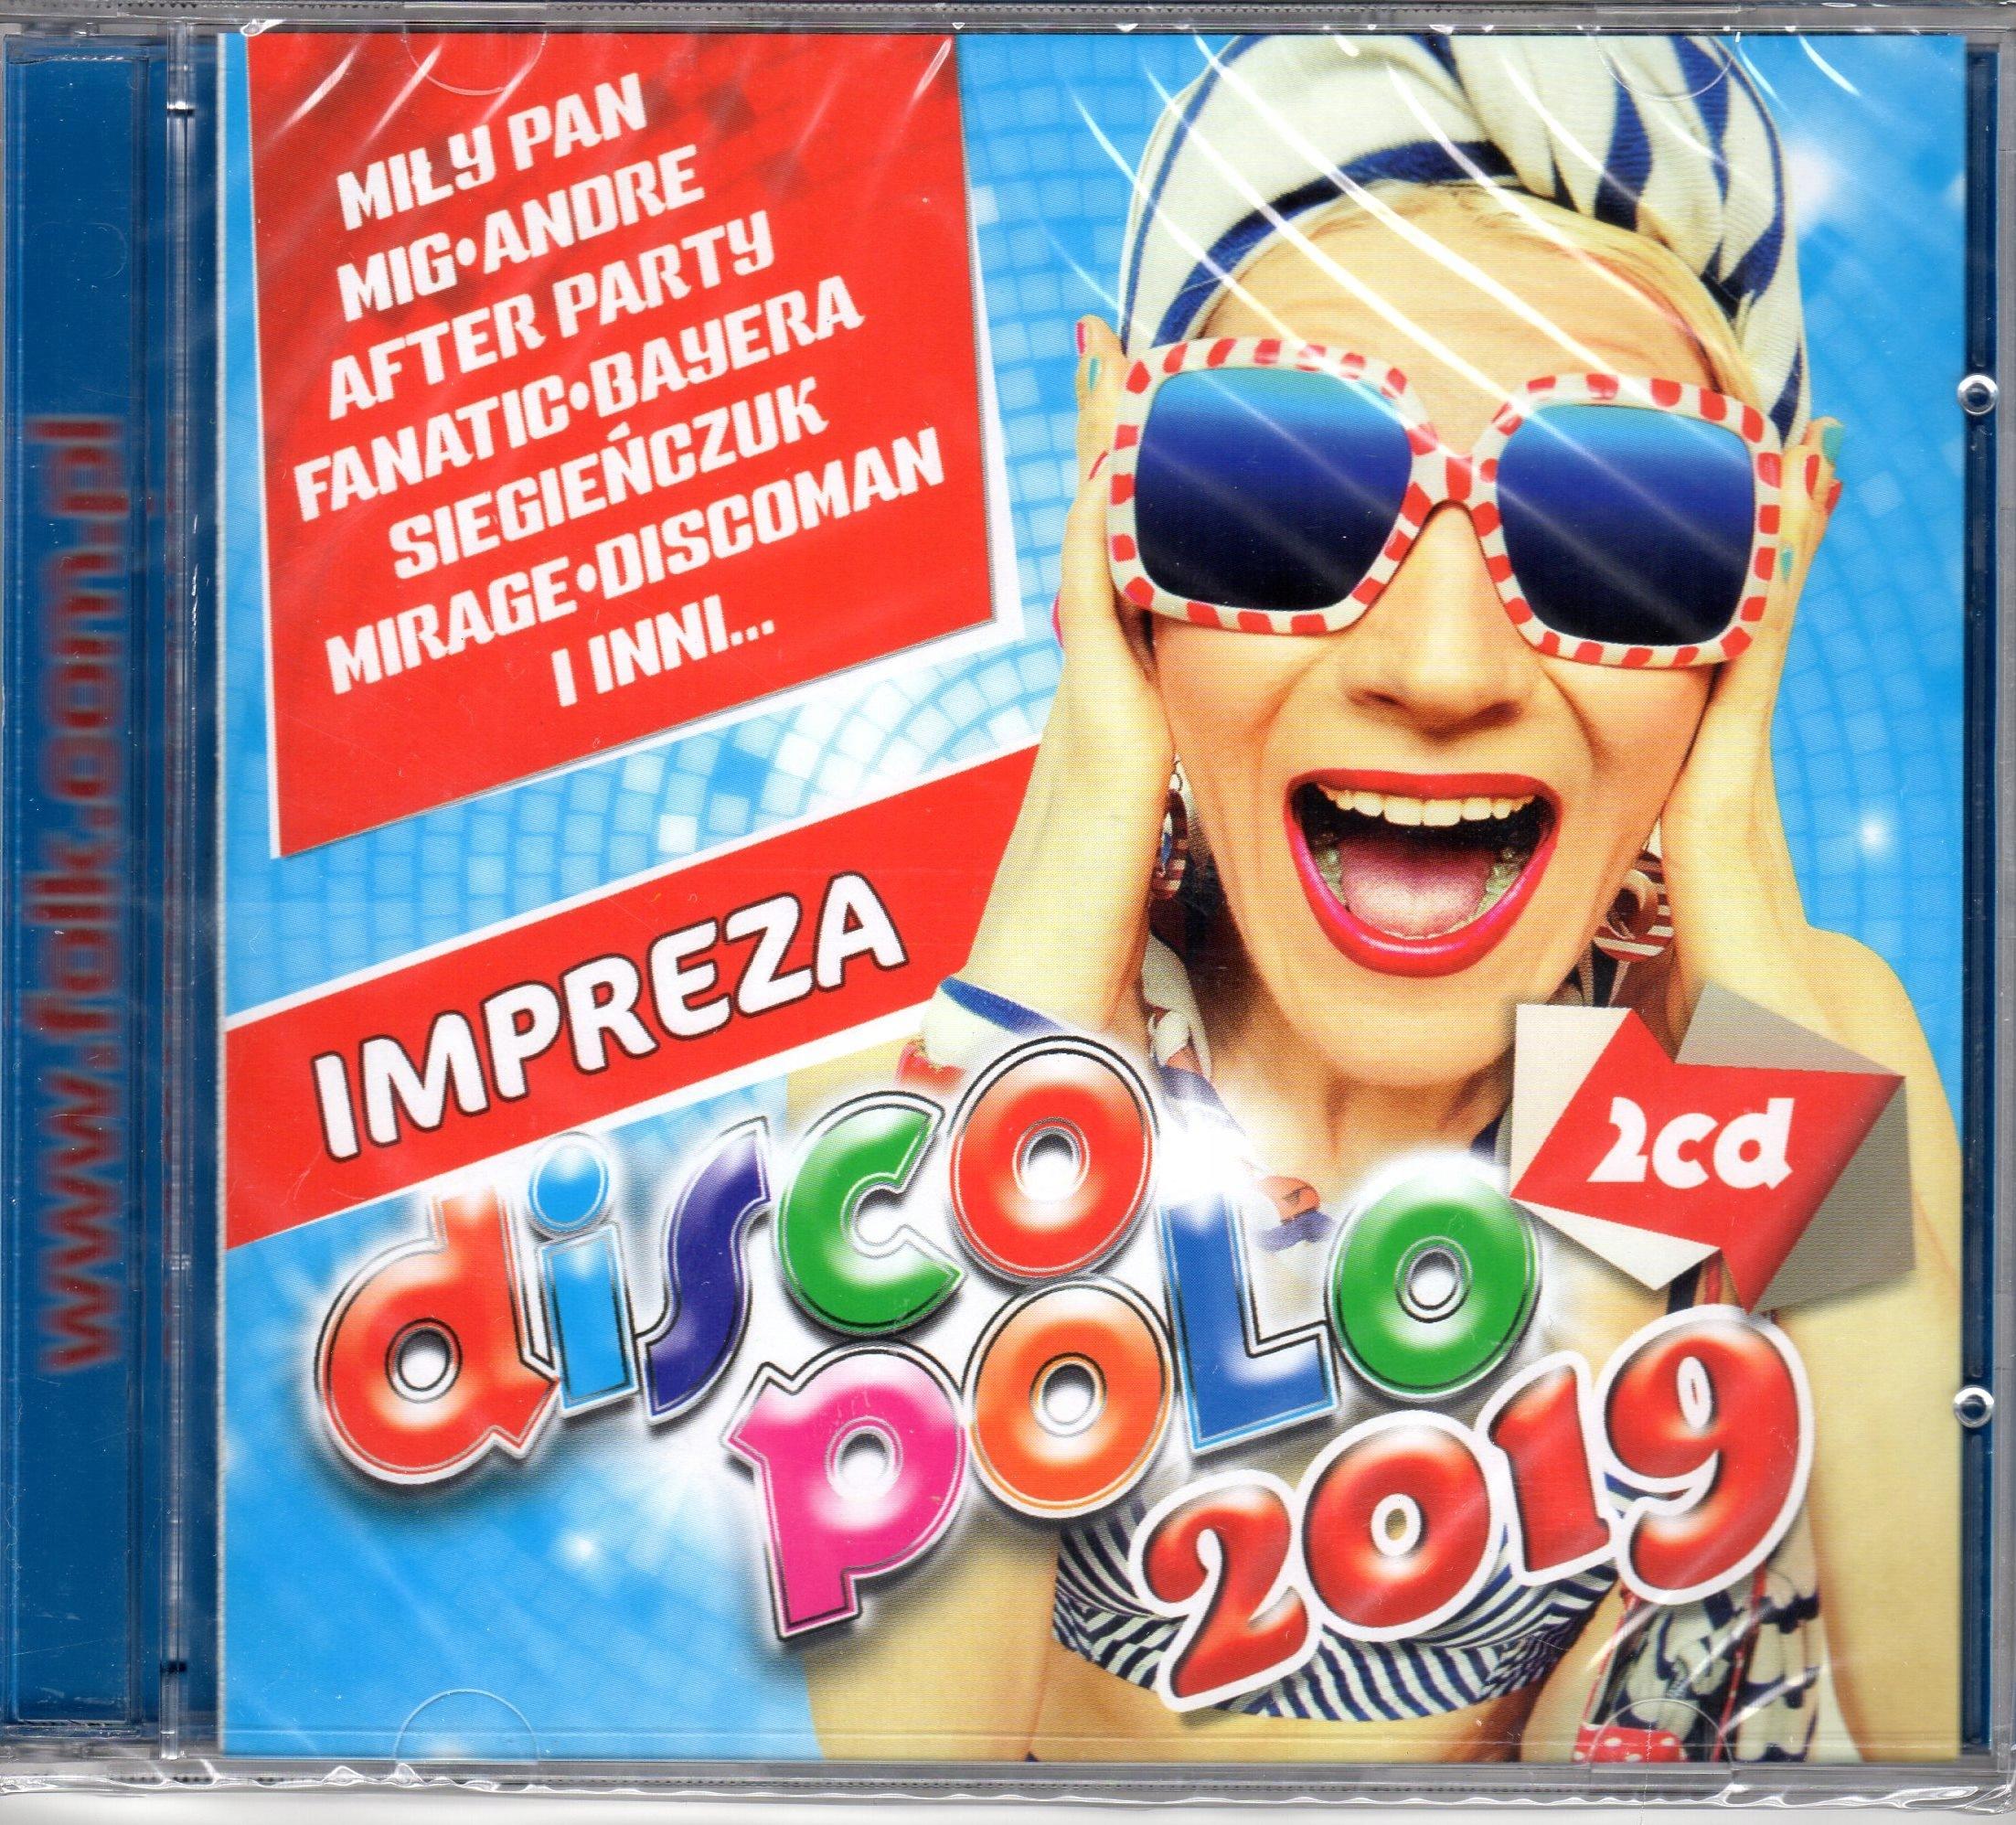 IMPREZA DISCO POLO 2019 2CD